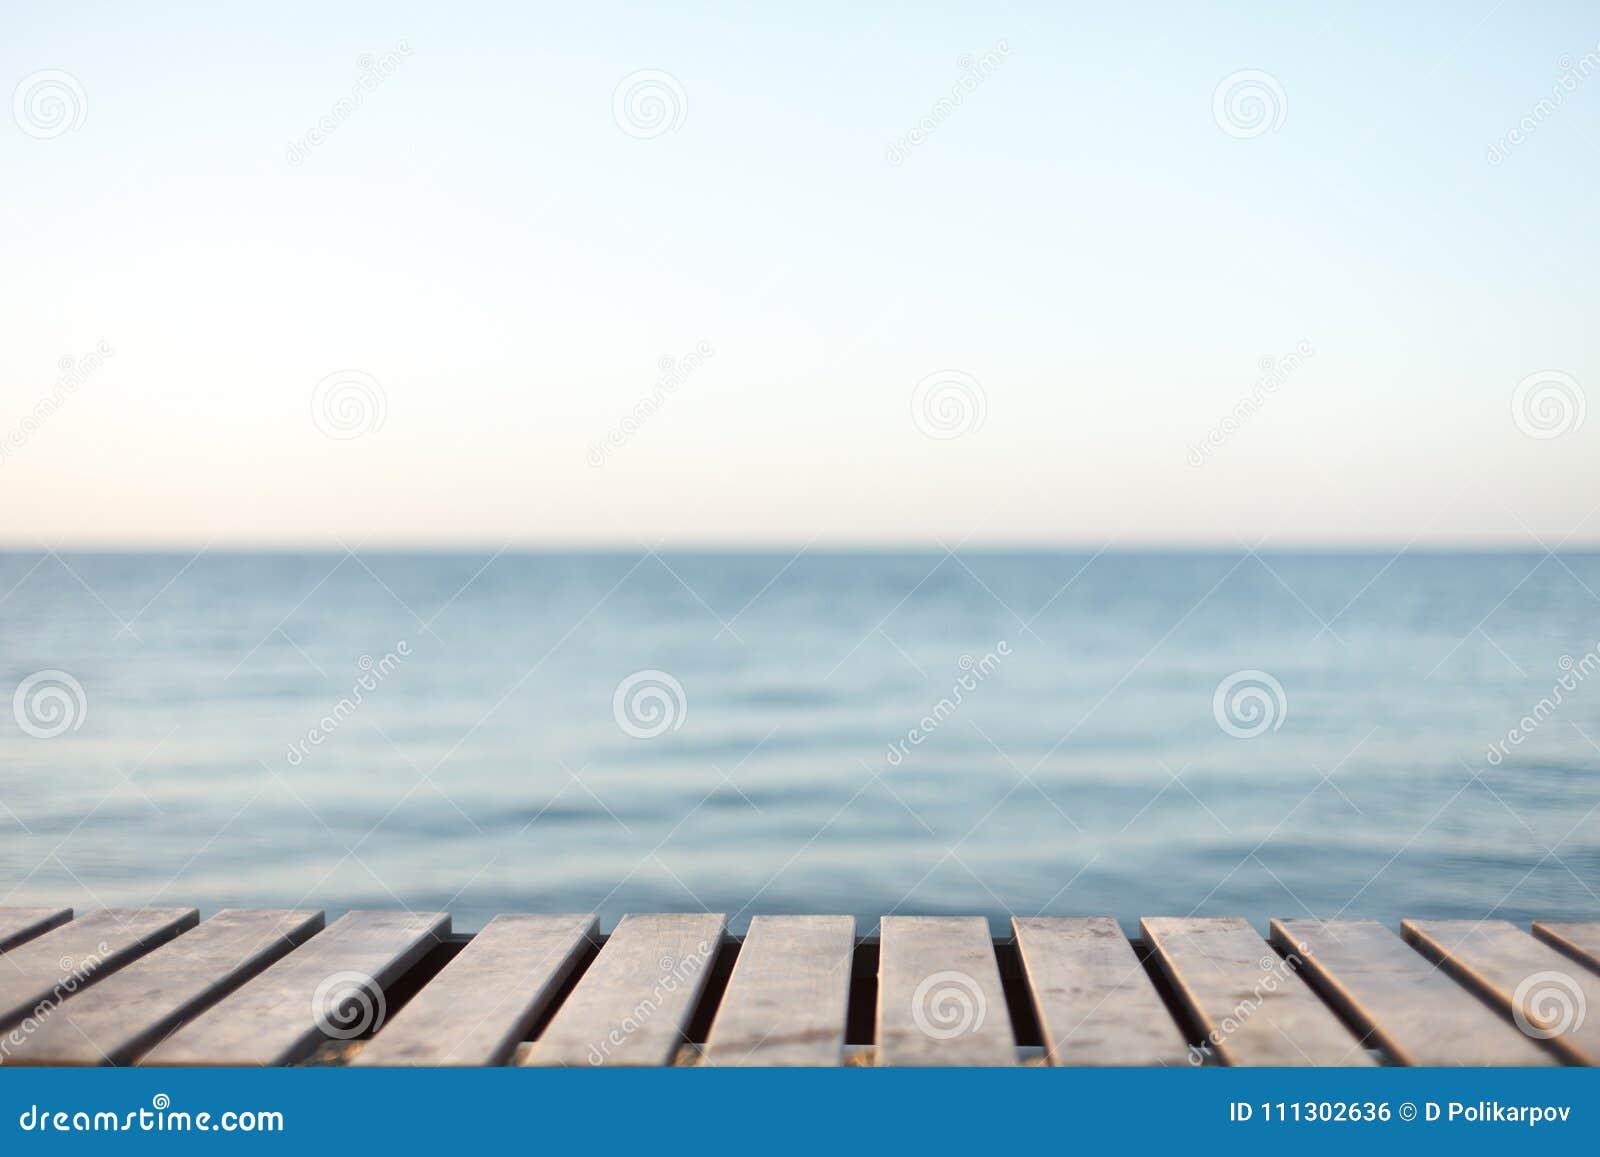 Tabla de madera delante del fondo borroso del mar